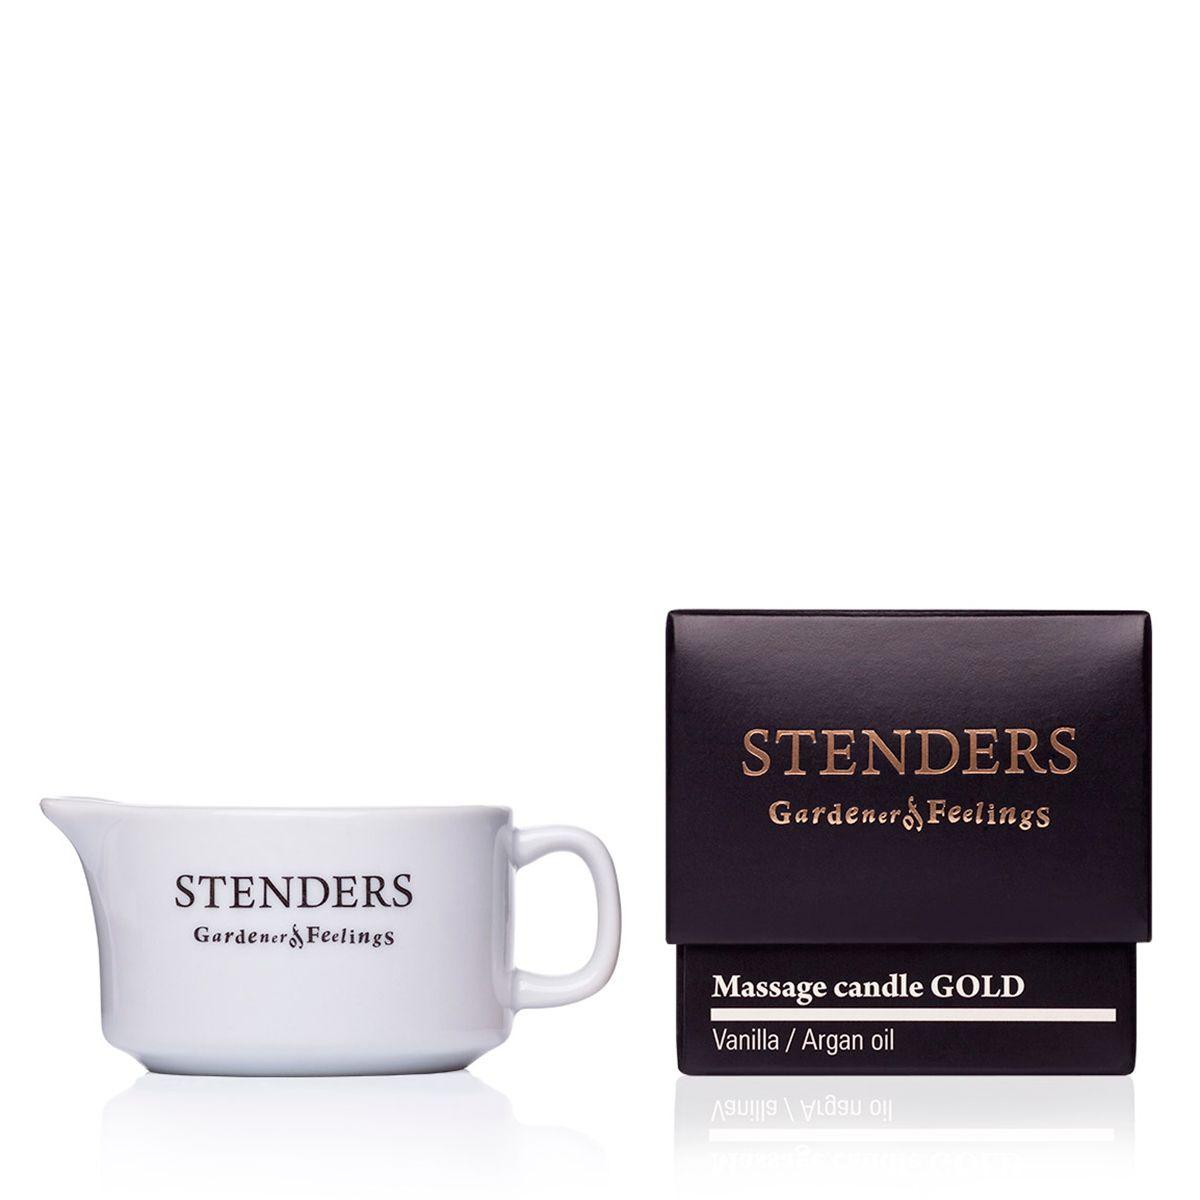 Stenders Свеча для массажа Gold, 35 гCM_GOLDСвеча обогащена ценным аргановым маслом и экстрактом ванили. При зажигании свеча превращается в теплое, ароматическое масло,которое позаботится о вашей коже, делая ее более нежной, гладкой и придавая ей нотки легкого аромата. Под воздействием массажа ваше тело расслабится, а на коже останется легкий, золотистый блеск.